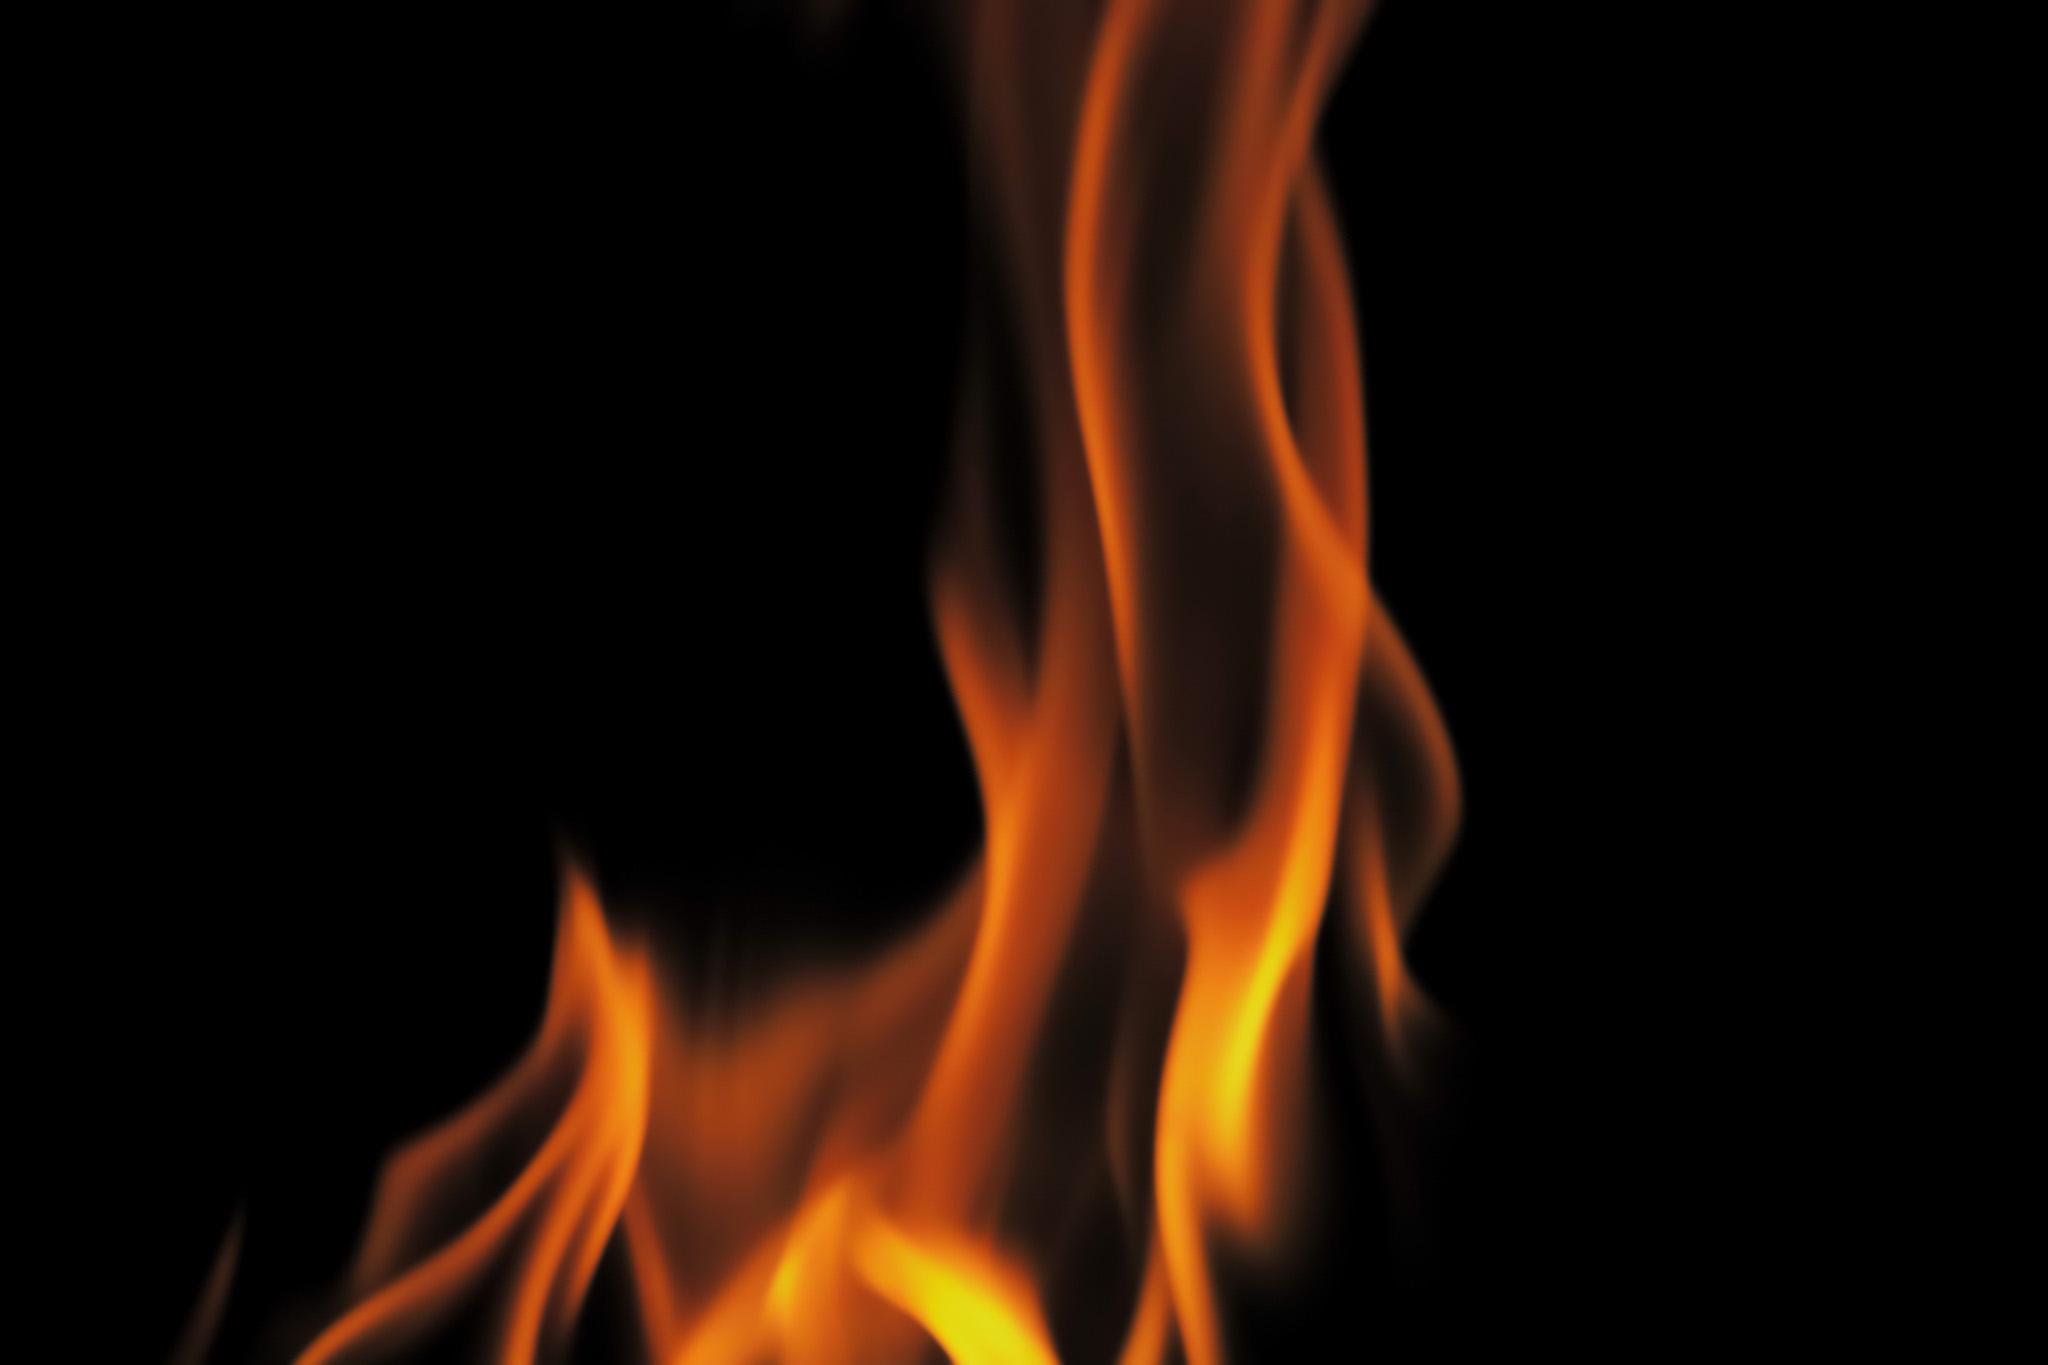 「駆け上る炎火の背景」